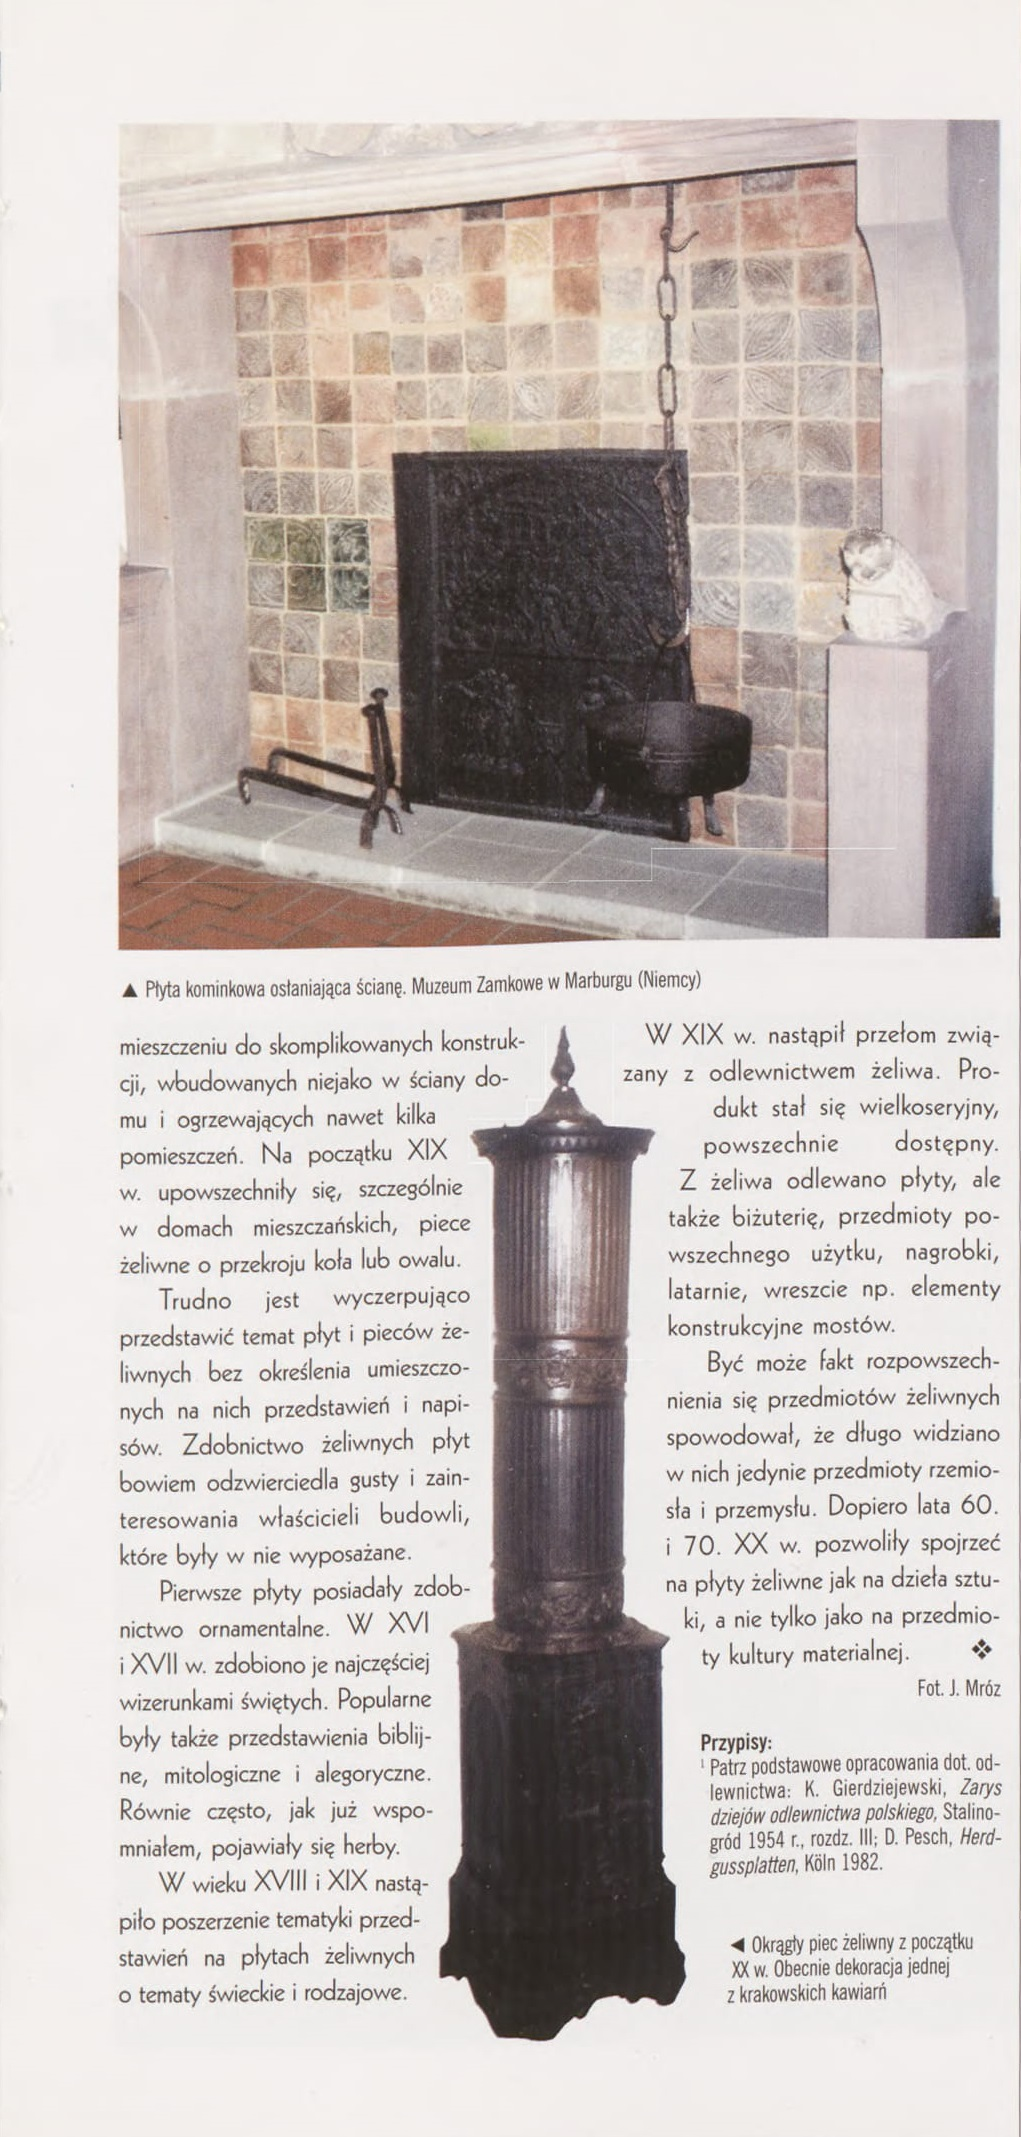 00065167 - Cenne Bezcenne Utracone 2001 nr 1-09